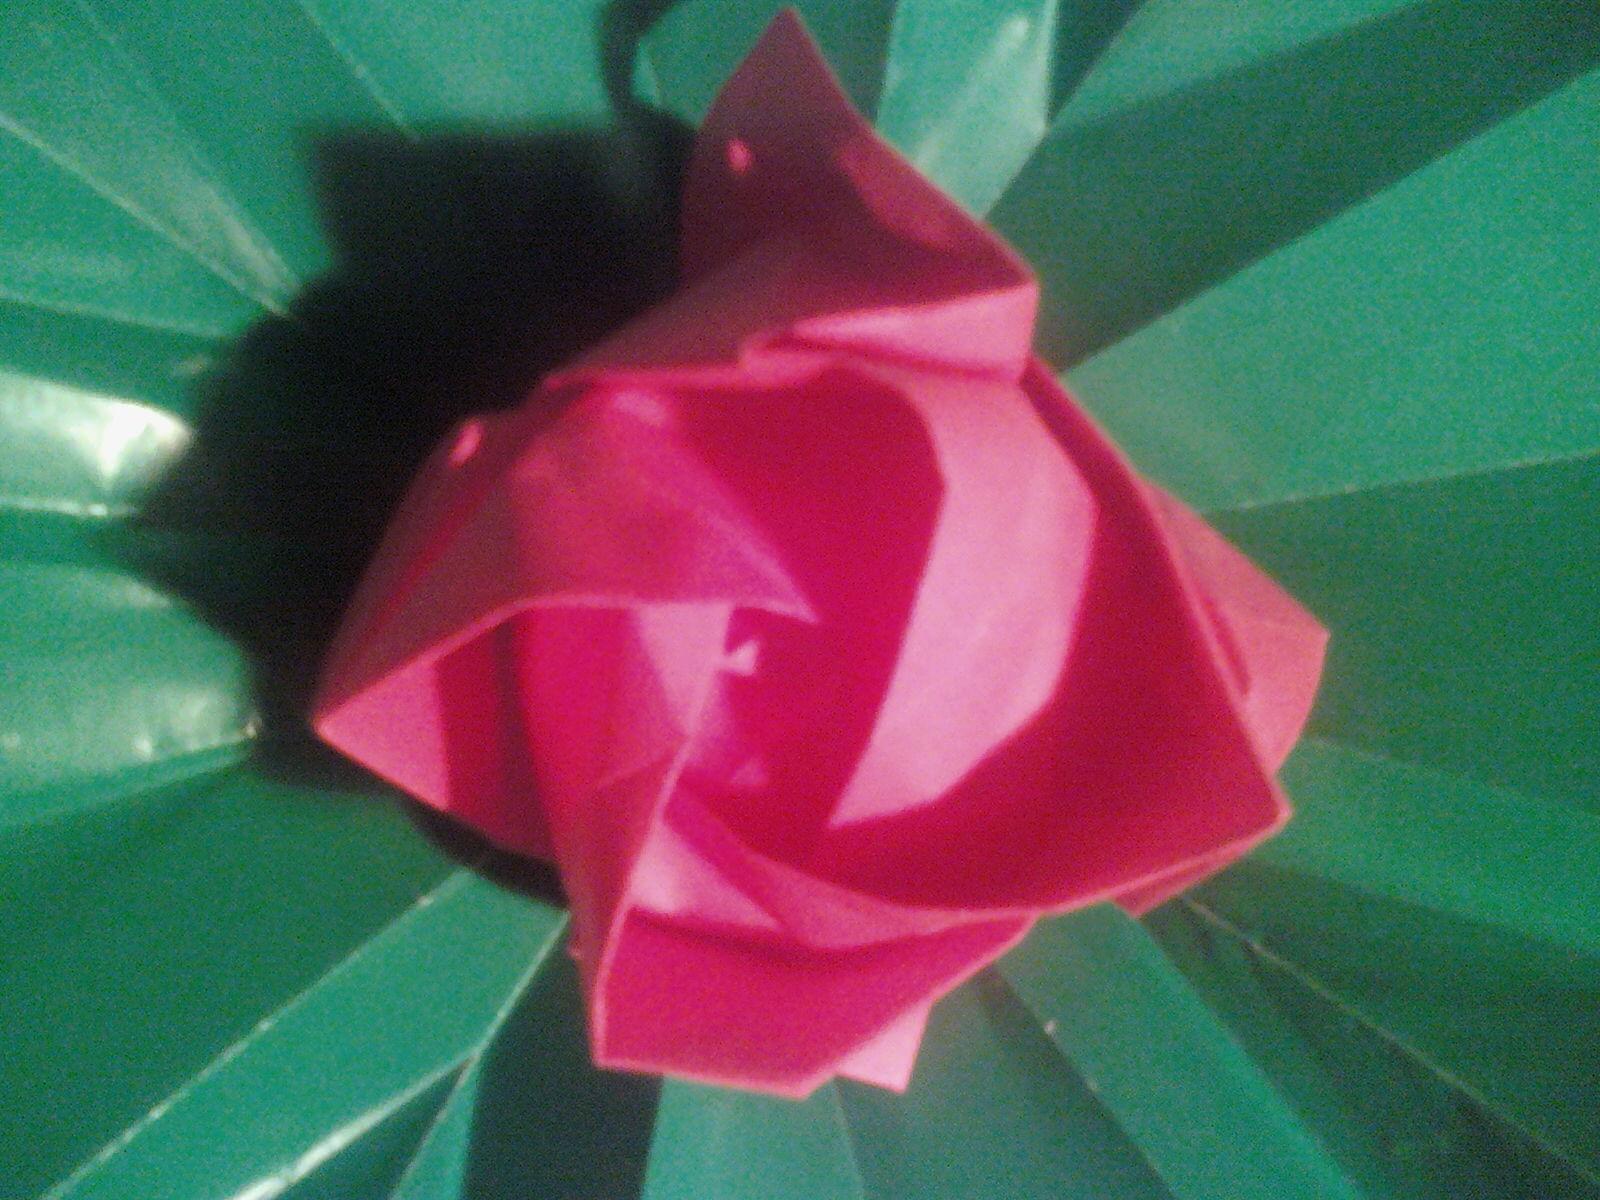 Origami: Origami rose - photo#24